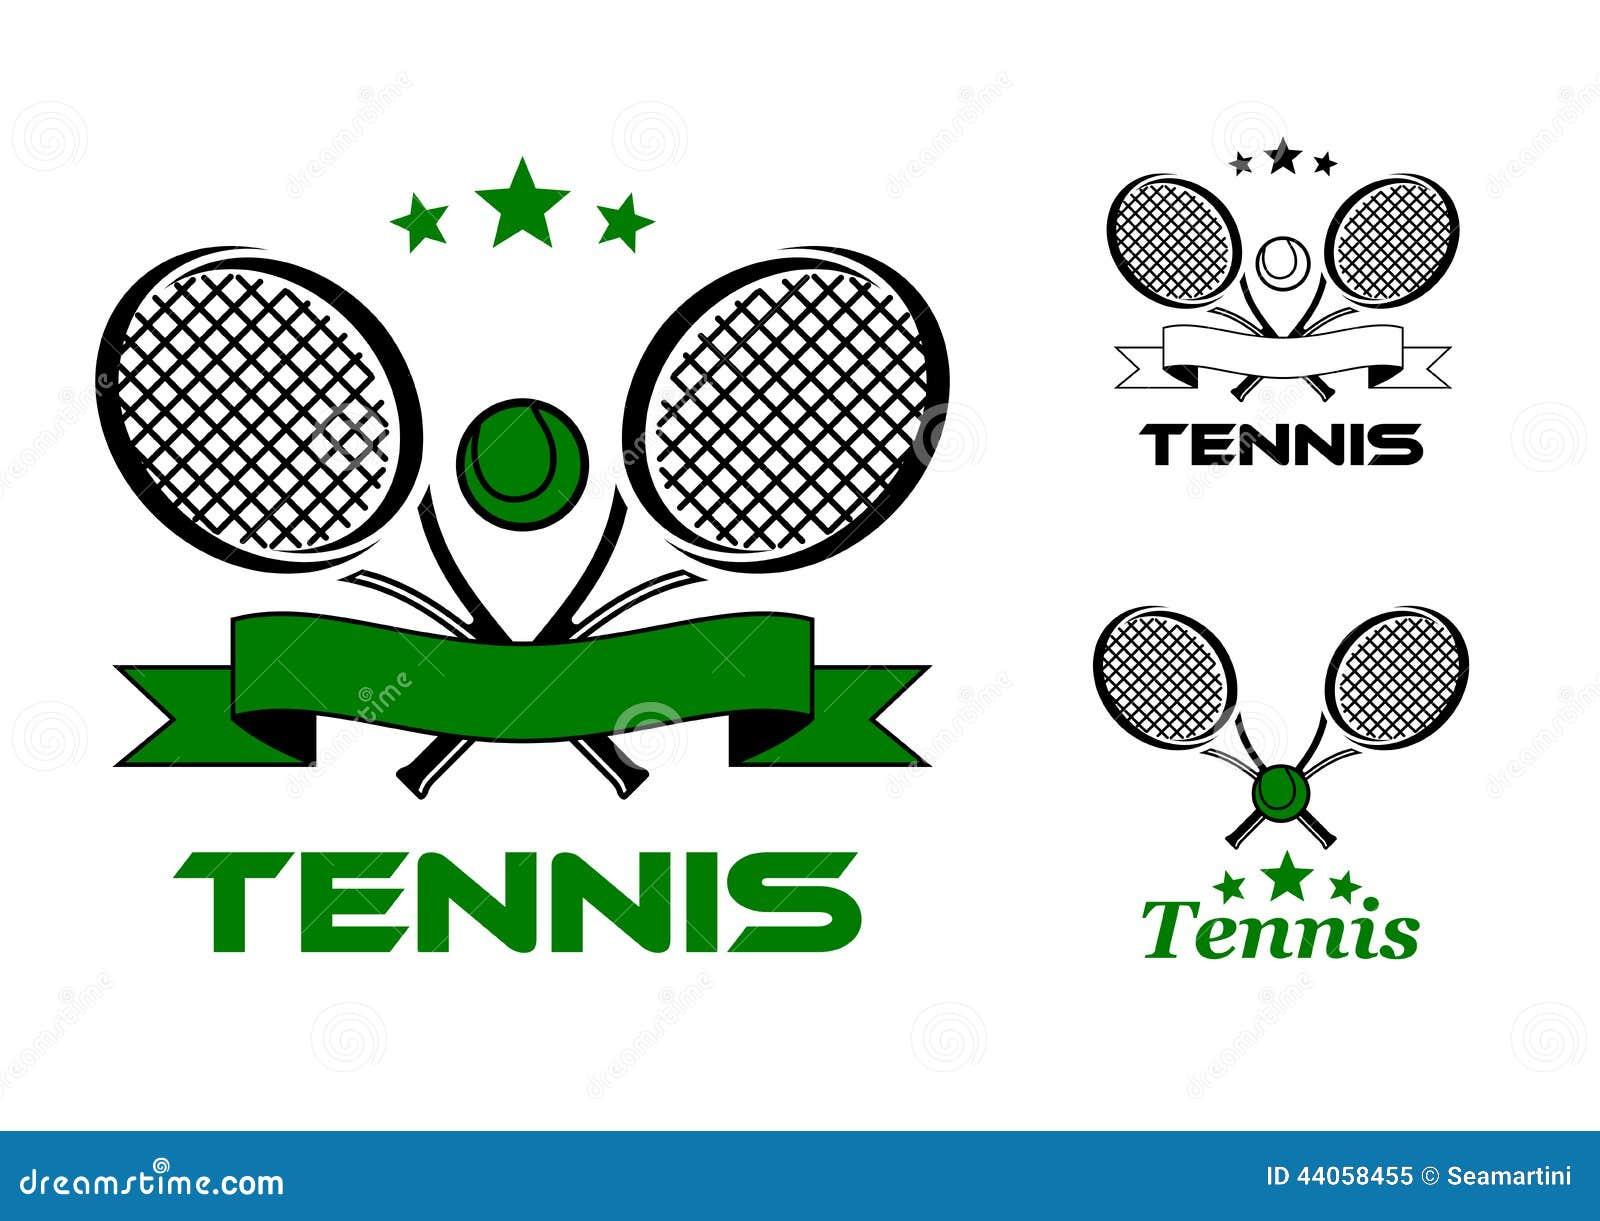 体育网球网球和与球拍,球和证章体育的手持为v体育,文本商标设计象征海上冲浪板图片